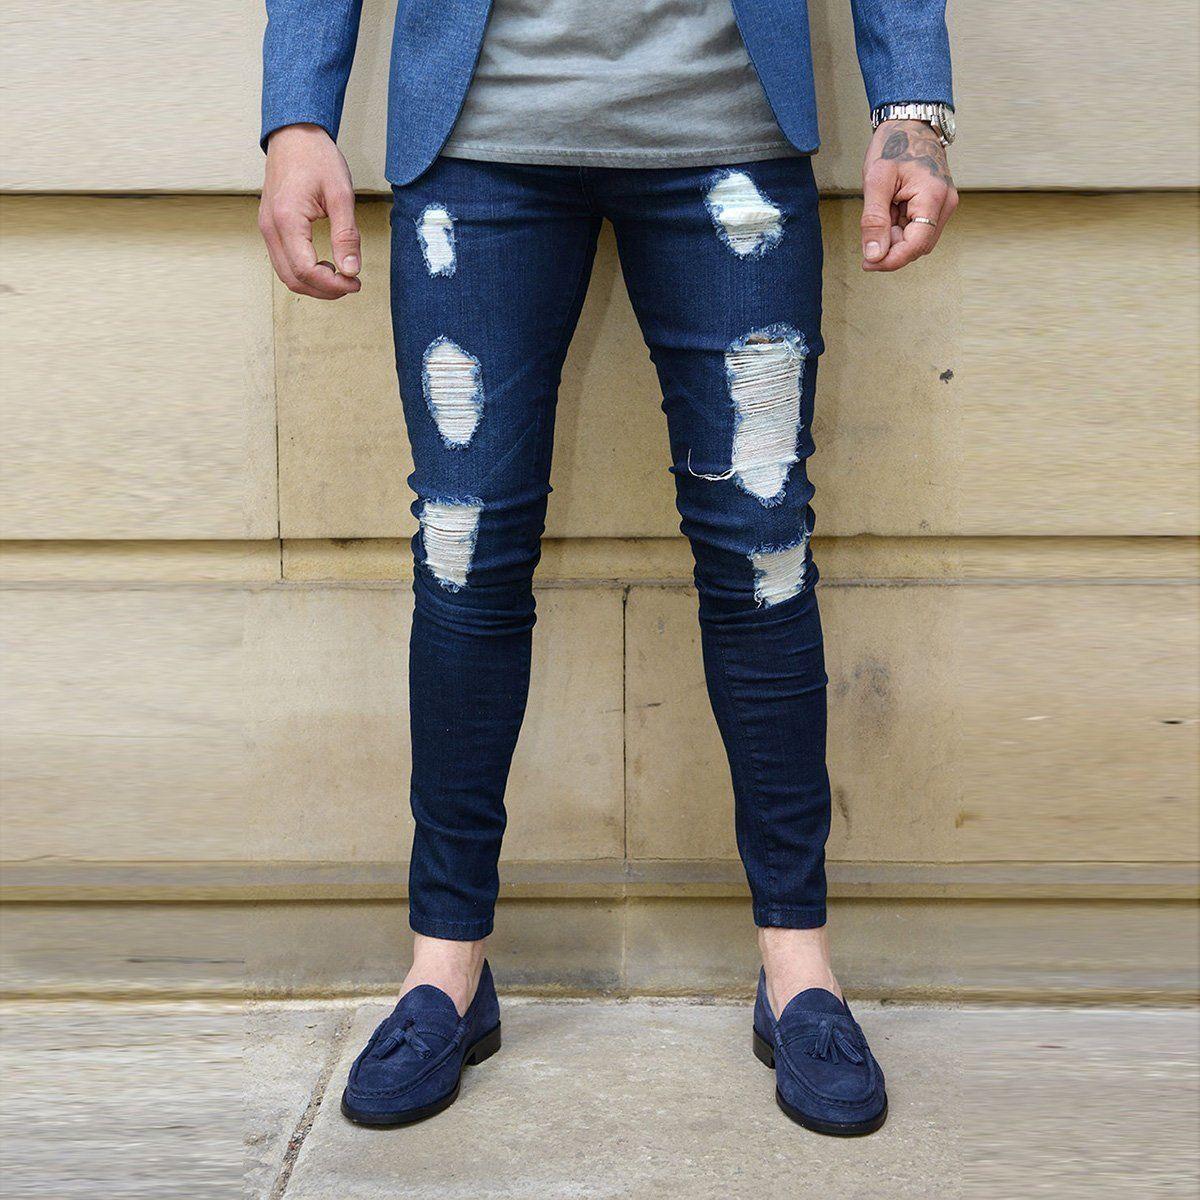 Boys ENZO Stretch Skinny Jeans Black Zip Fly New Kids Pants Sale Waist 24-29